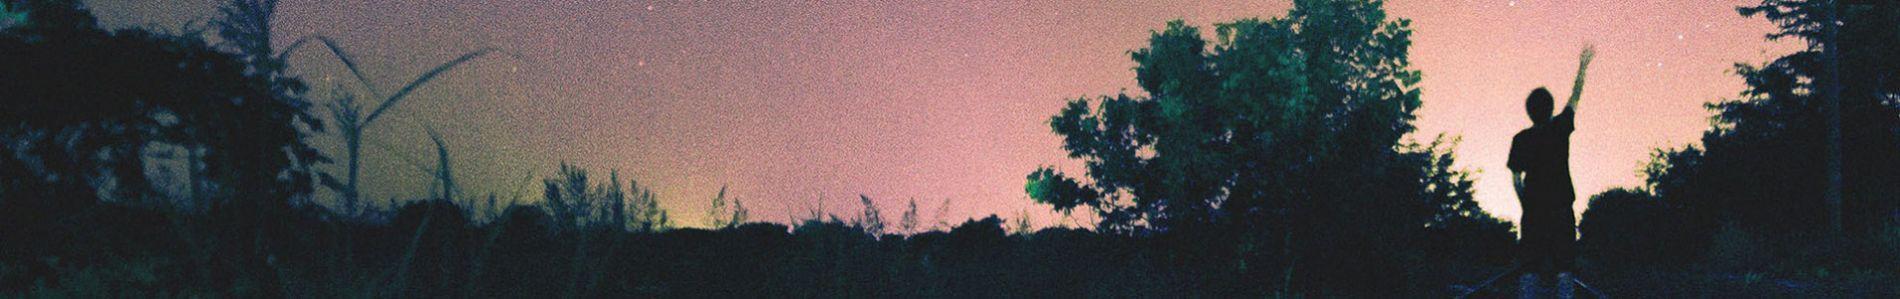 Lucas & Steve x Firebeatz ft. Little Giants – Keep Your Head Up remix contest